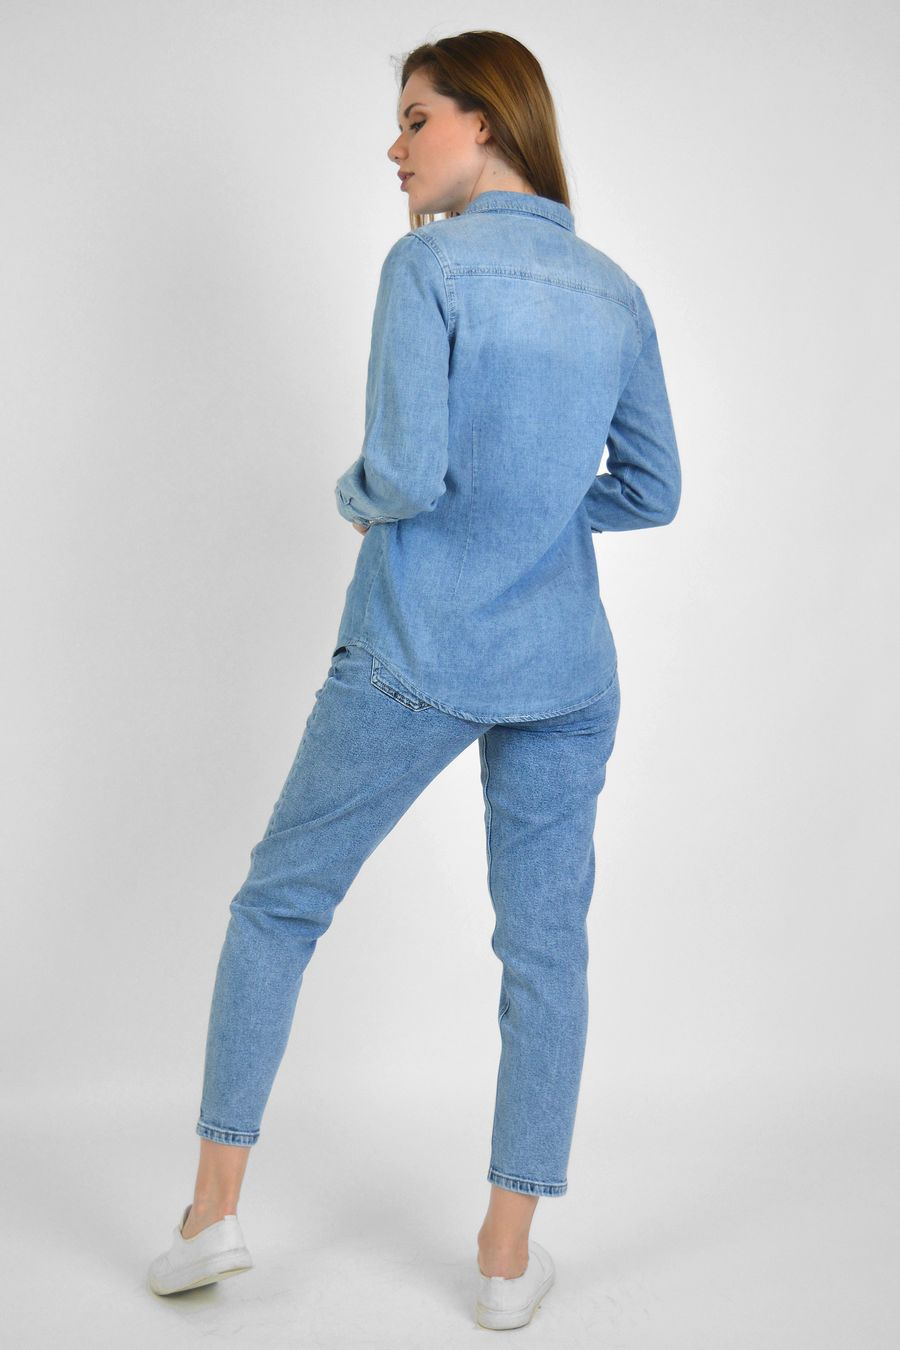 Рубашка женская Baccino 9677 джинсовая - фото 4